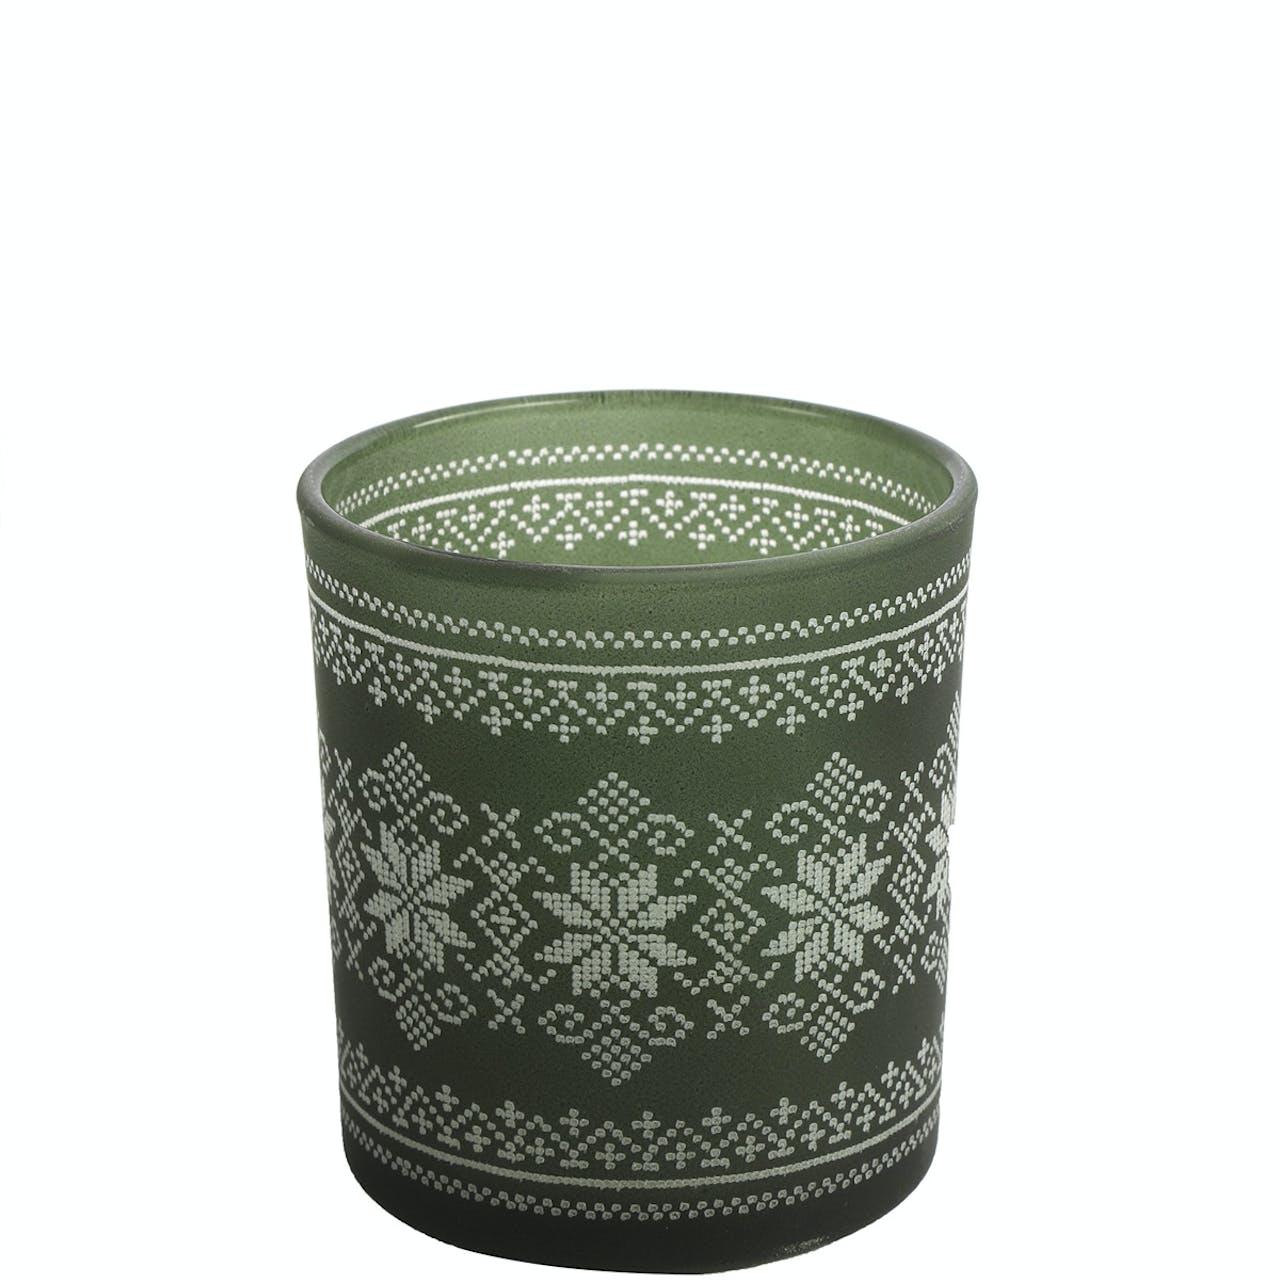 Green Glass Small Tealight Holder